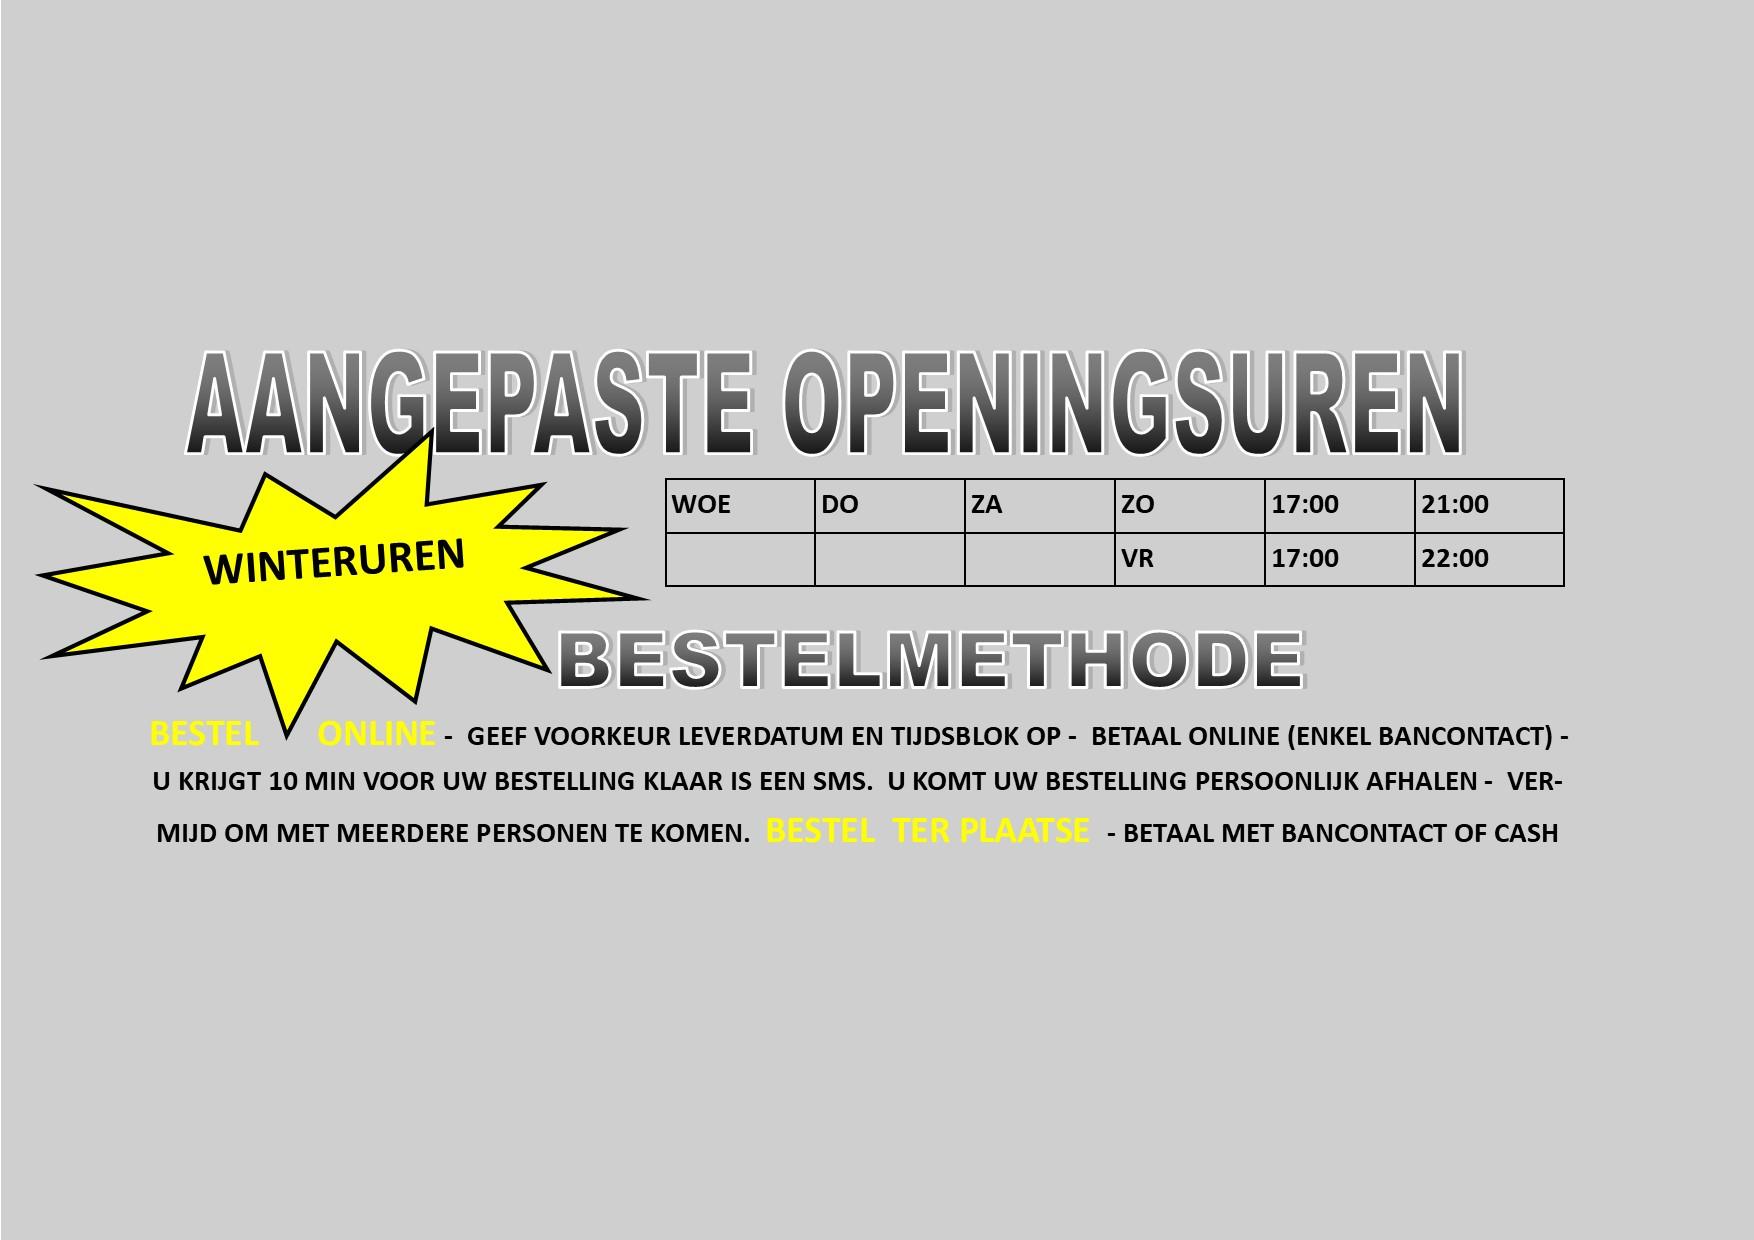 Aangepaste Openingsuren 202004 08 - Home